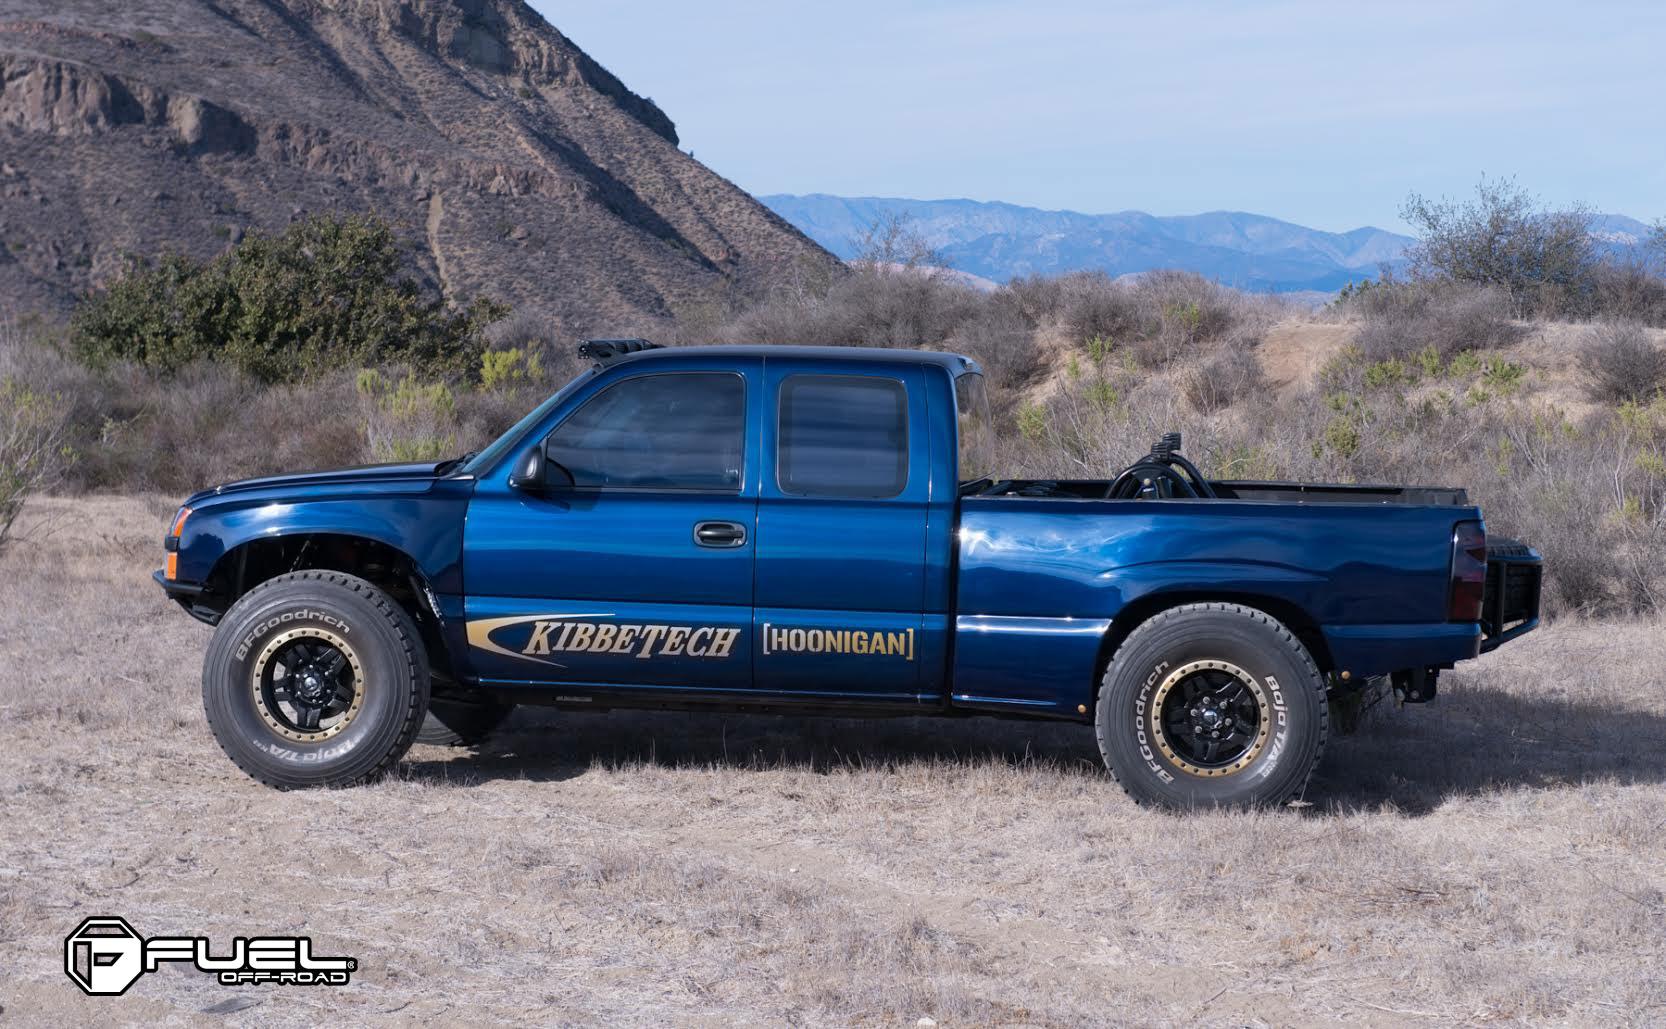 Chevrolet Silverado 1500 Anza - D558 Gallery - MHT Wheels Inc.